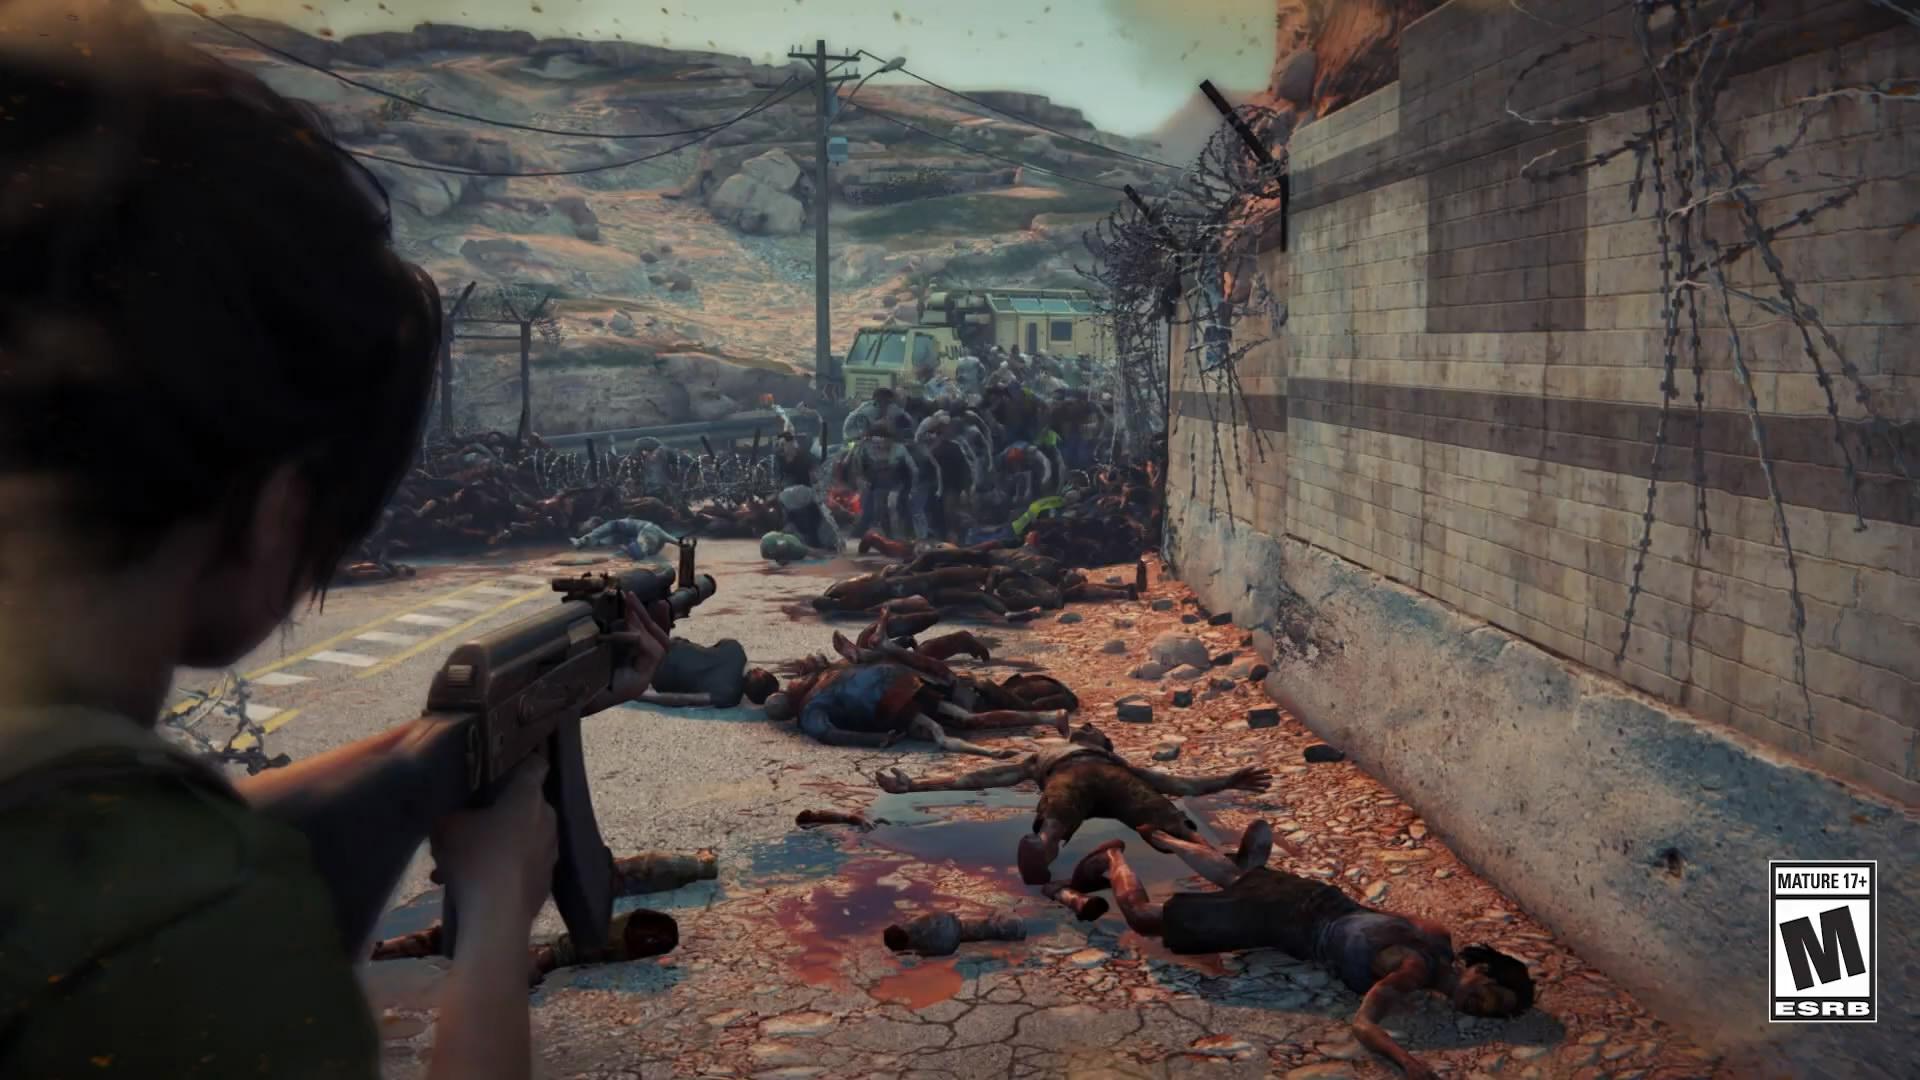 《僵尸世界大战》新预告片 恐怖尸潮袭来包围四人组